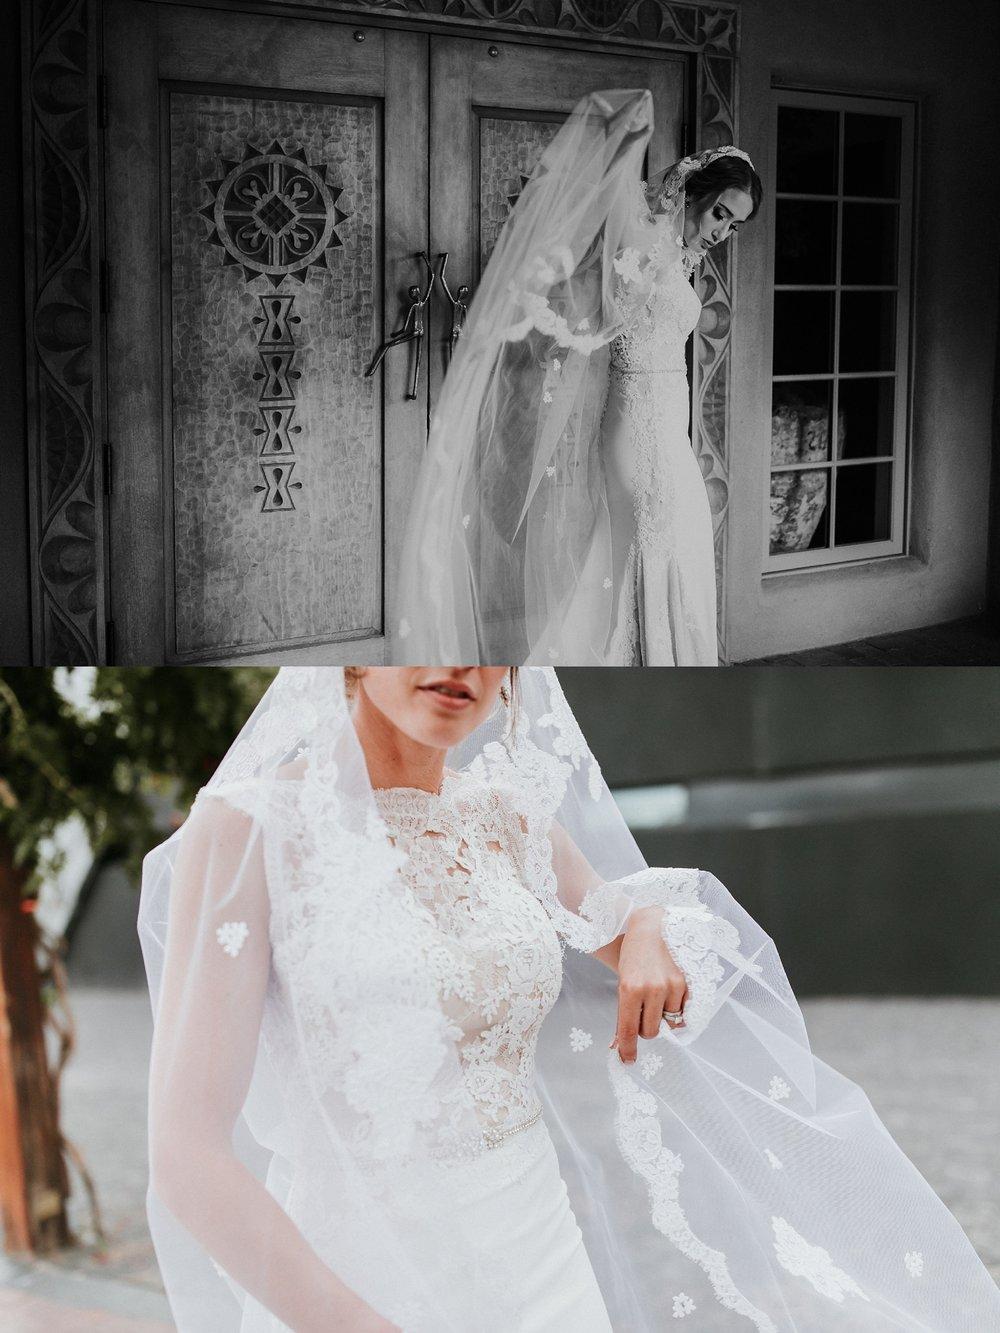 Alicia+lucia+photography+-+albuquerque+wedding+photographer+-+santa+fe+wedding+photography+-+new+mexico+wedding+photographer+-+new+mexico+wedding+-+wedding+photographer+-+wedding+photographer+team_0192.jpg